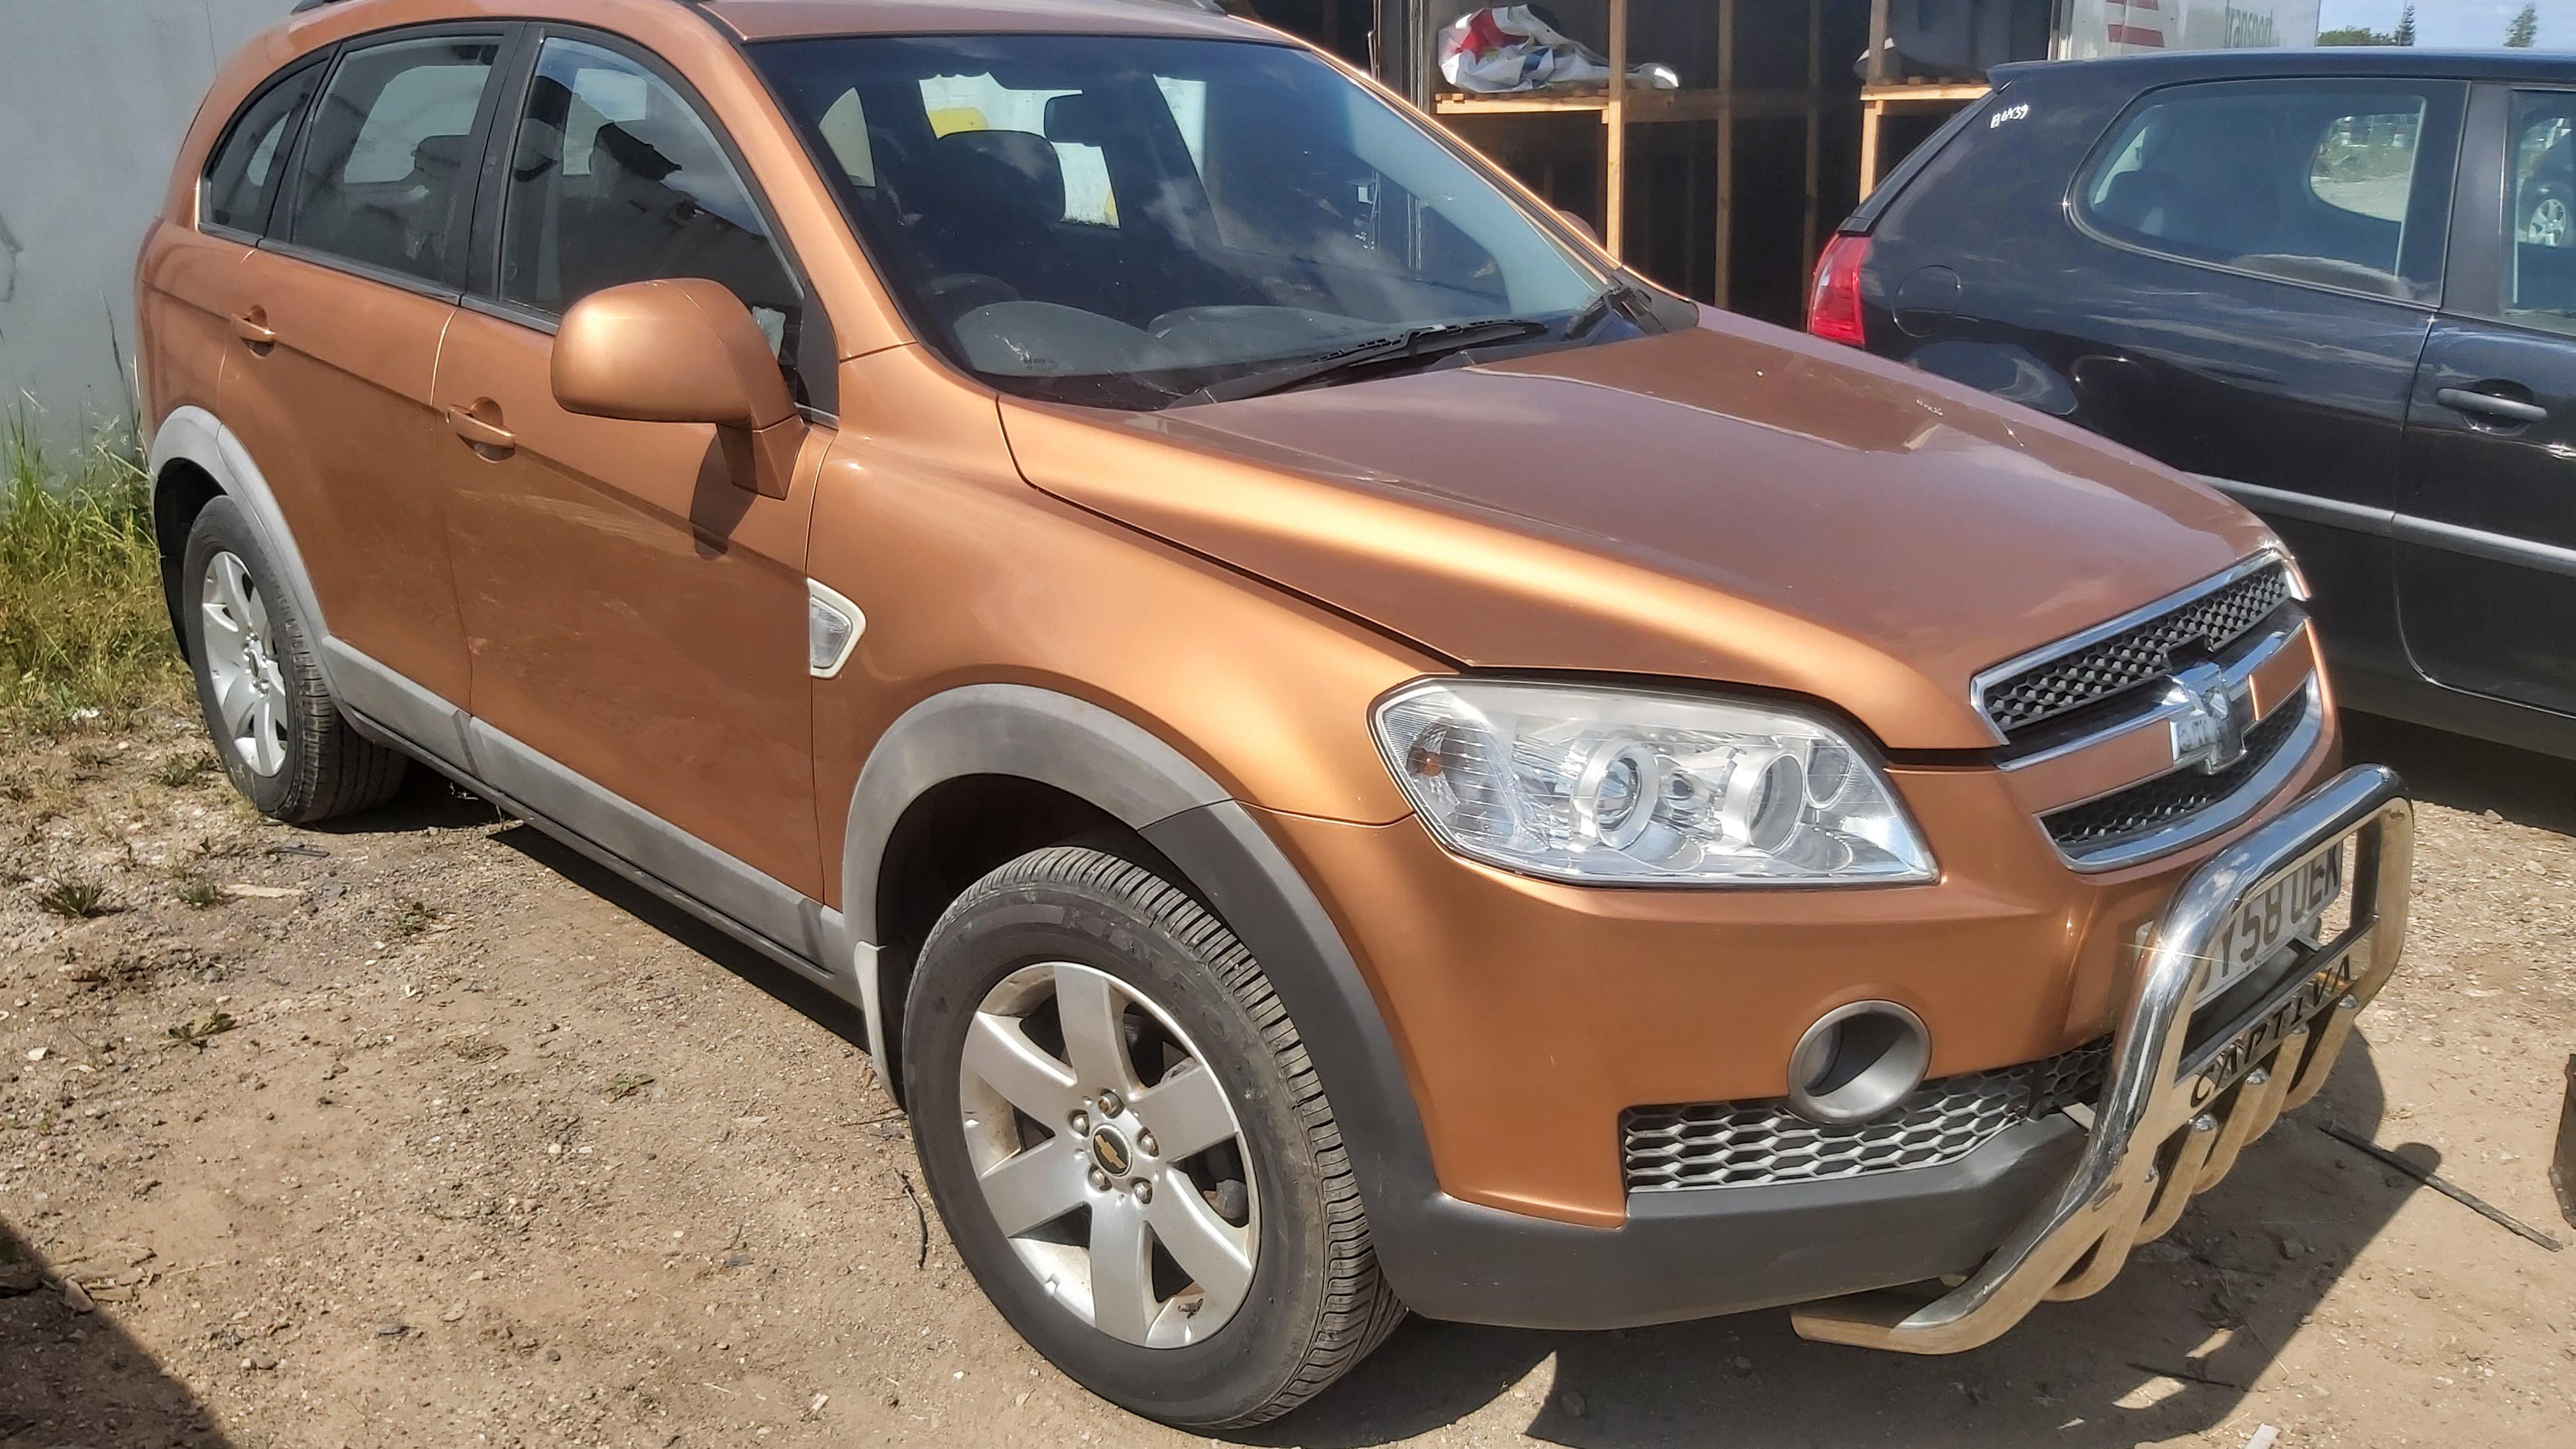 Подержанные Автозапчасти Chevrolet CAPTIVA 2008 2.0 автоматическая напрямик 4/5 d. оранжевый 2021-7-22